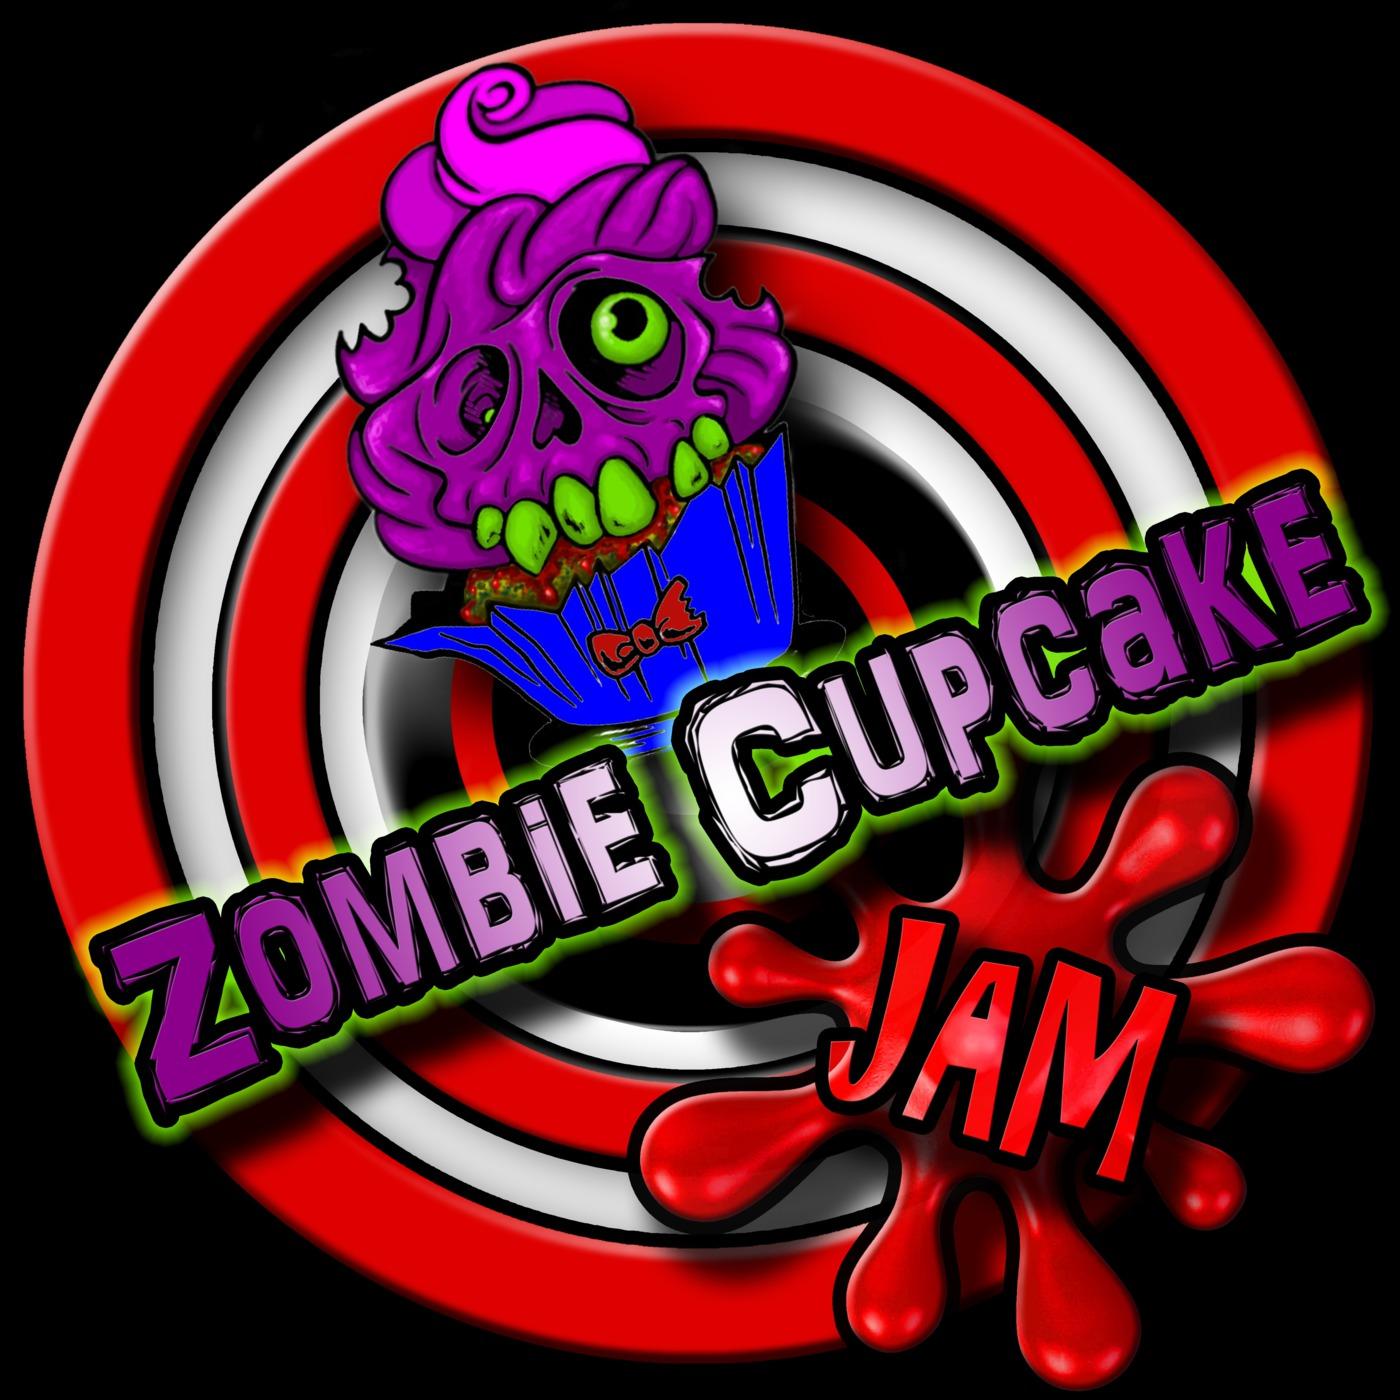 Zombie Cupcake Records - Jam's